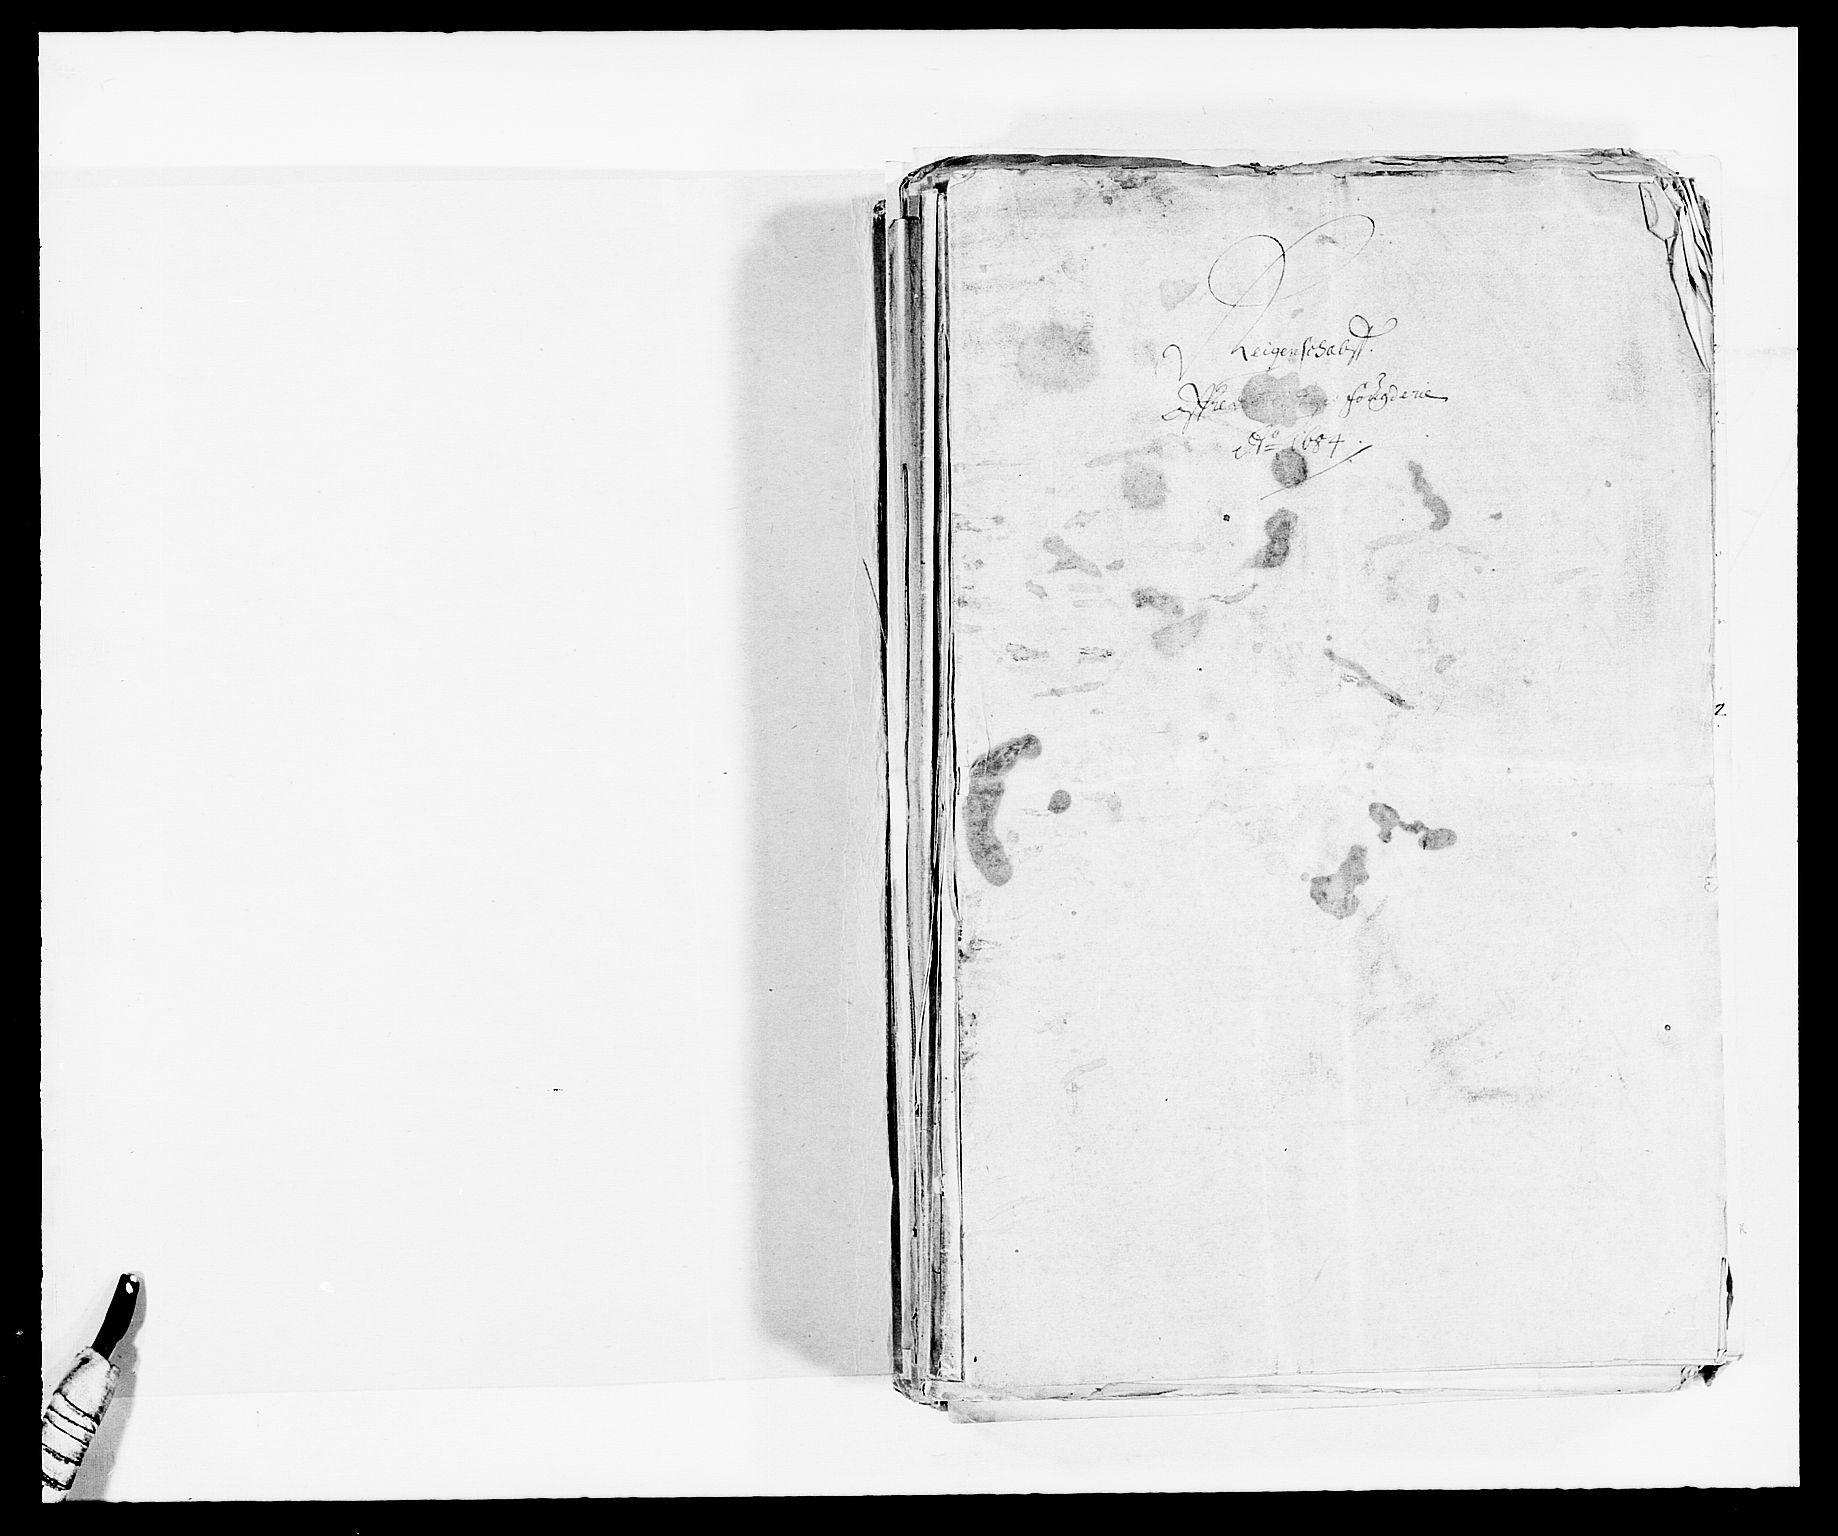 RA, Rentekammeret inntil 1814, Reviderte regnskaper, Fogderegnskap, R12/L0698: Fogderegnskap Øvre Romerike, 1684, s. 2